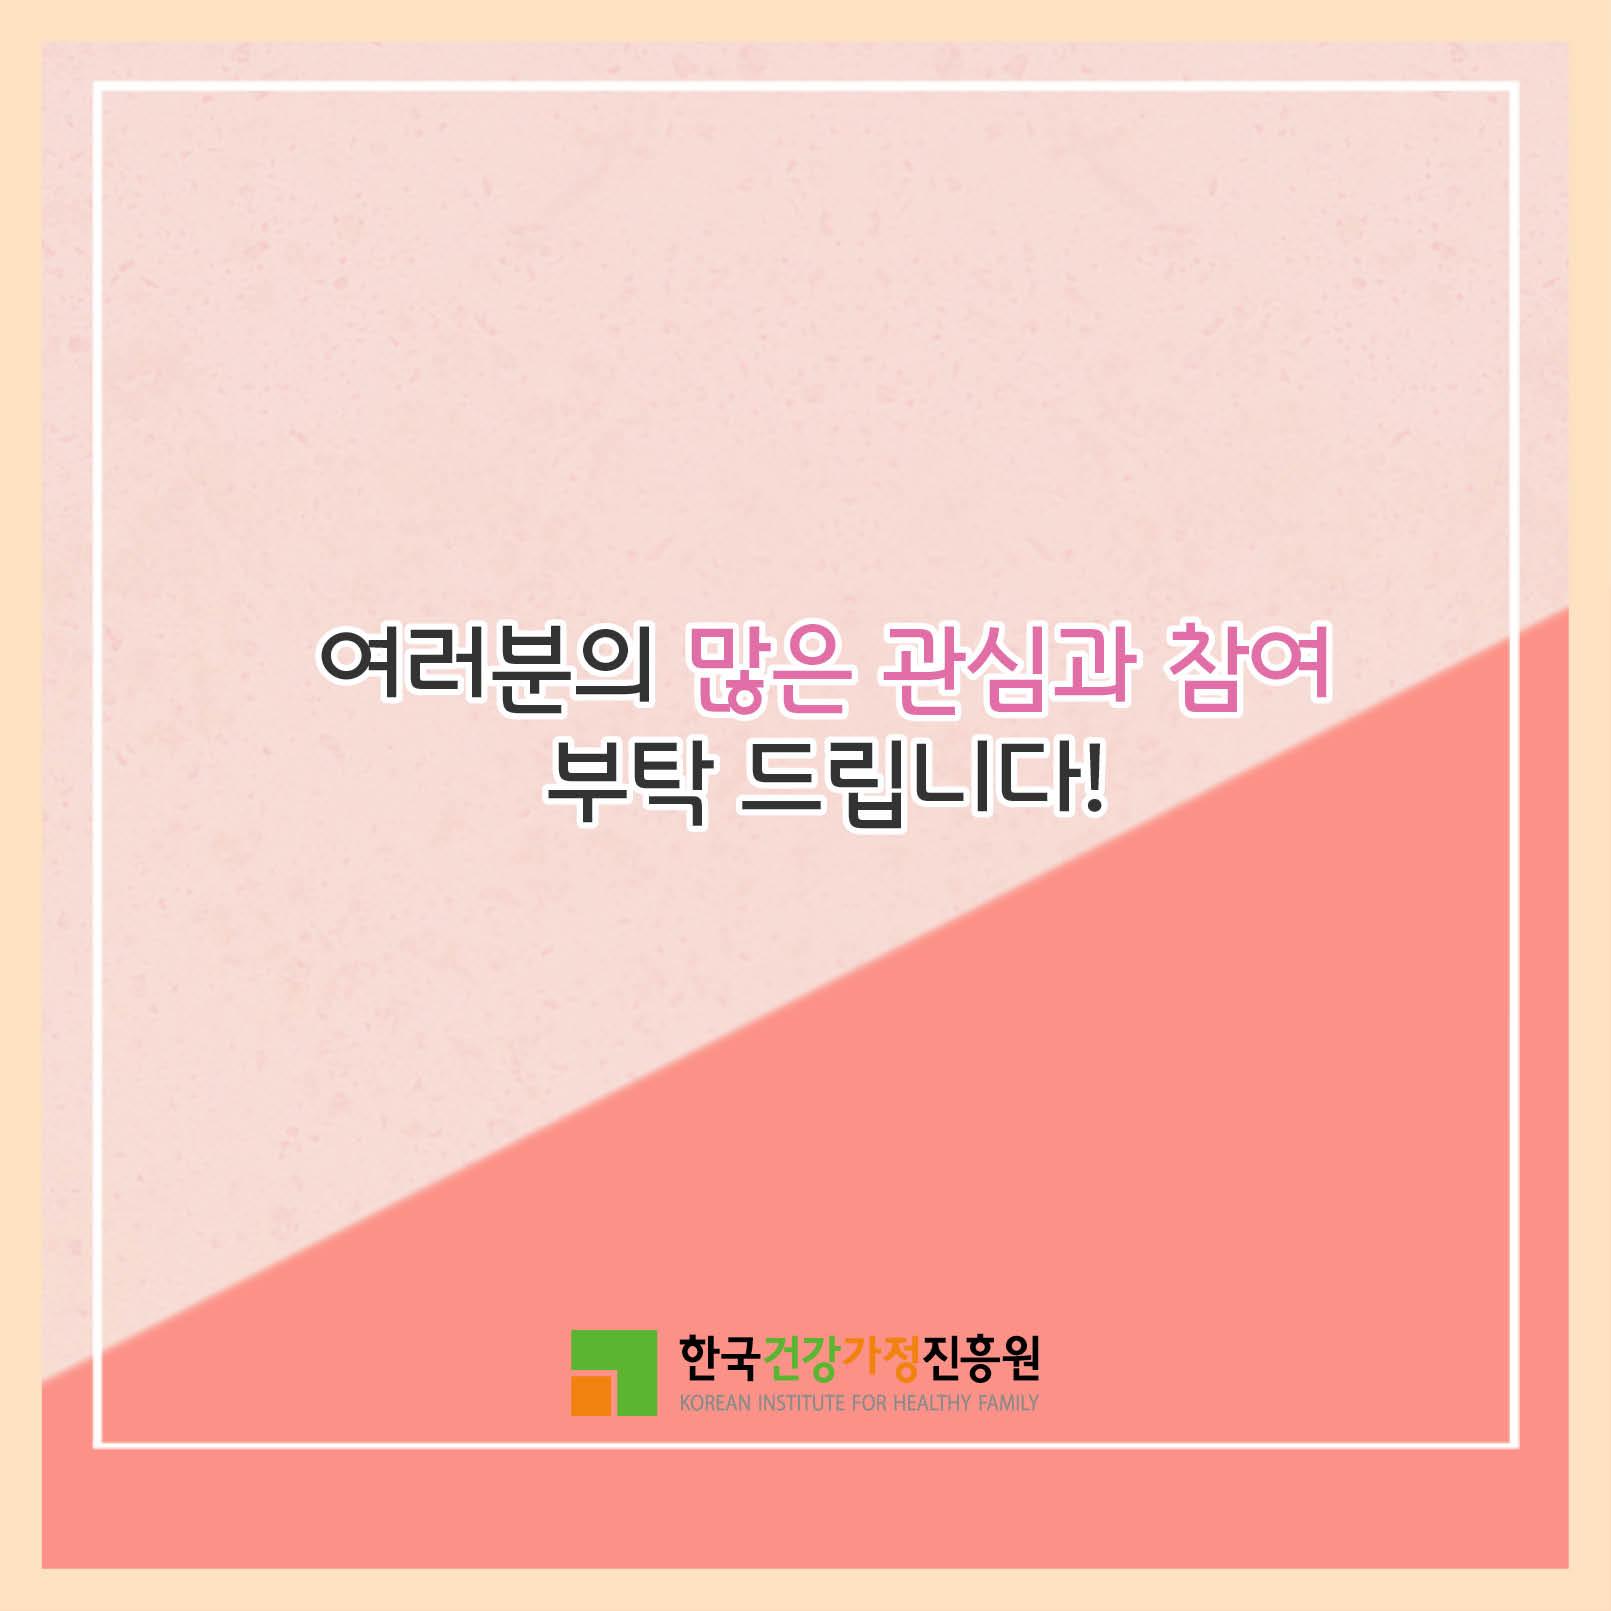 [카드뉴스] 한국건강가정진흥원 웹진 행복플러스 2019년 3월호 발간_5